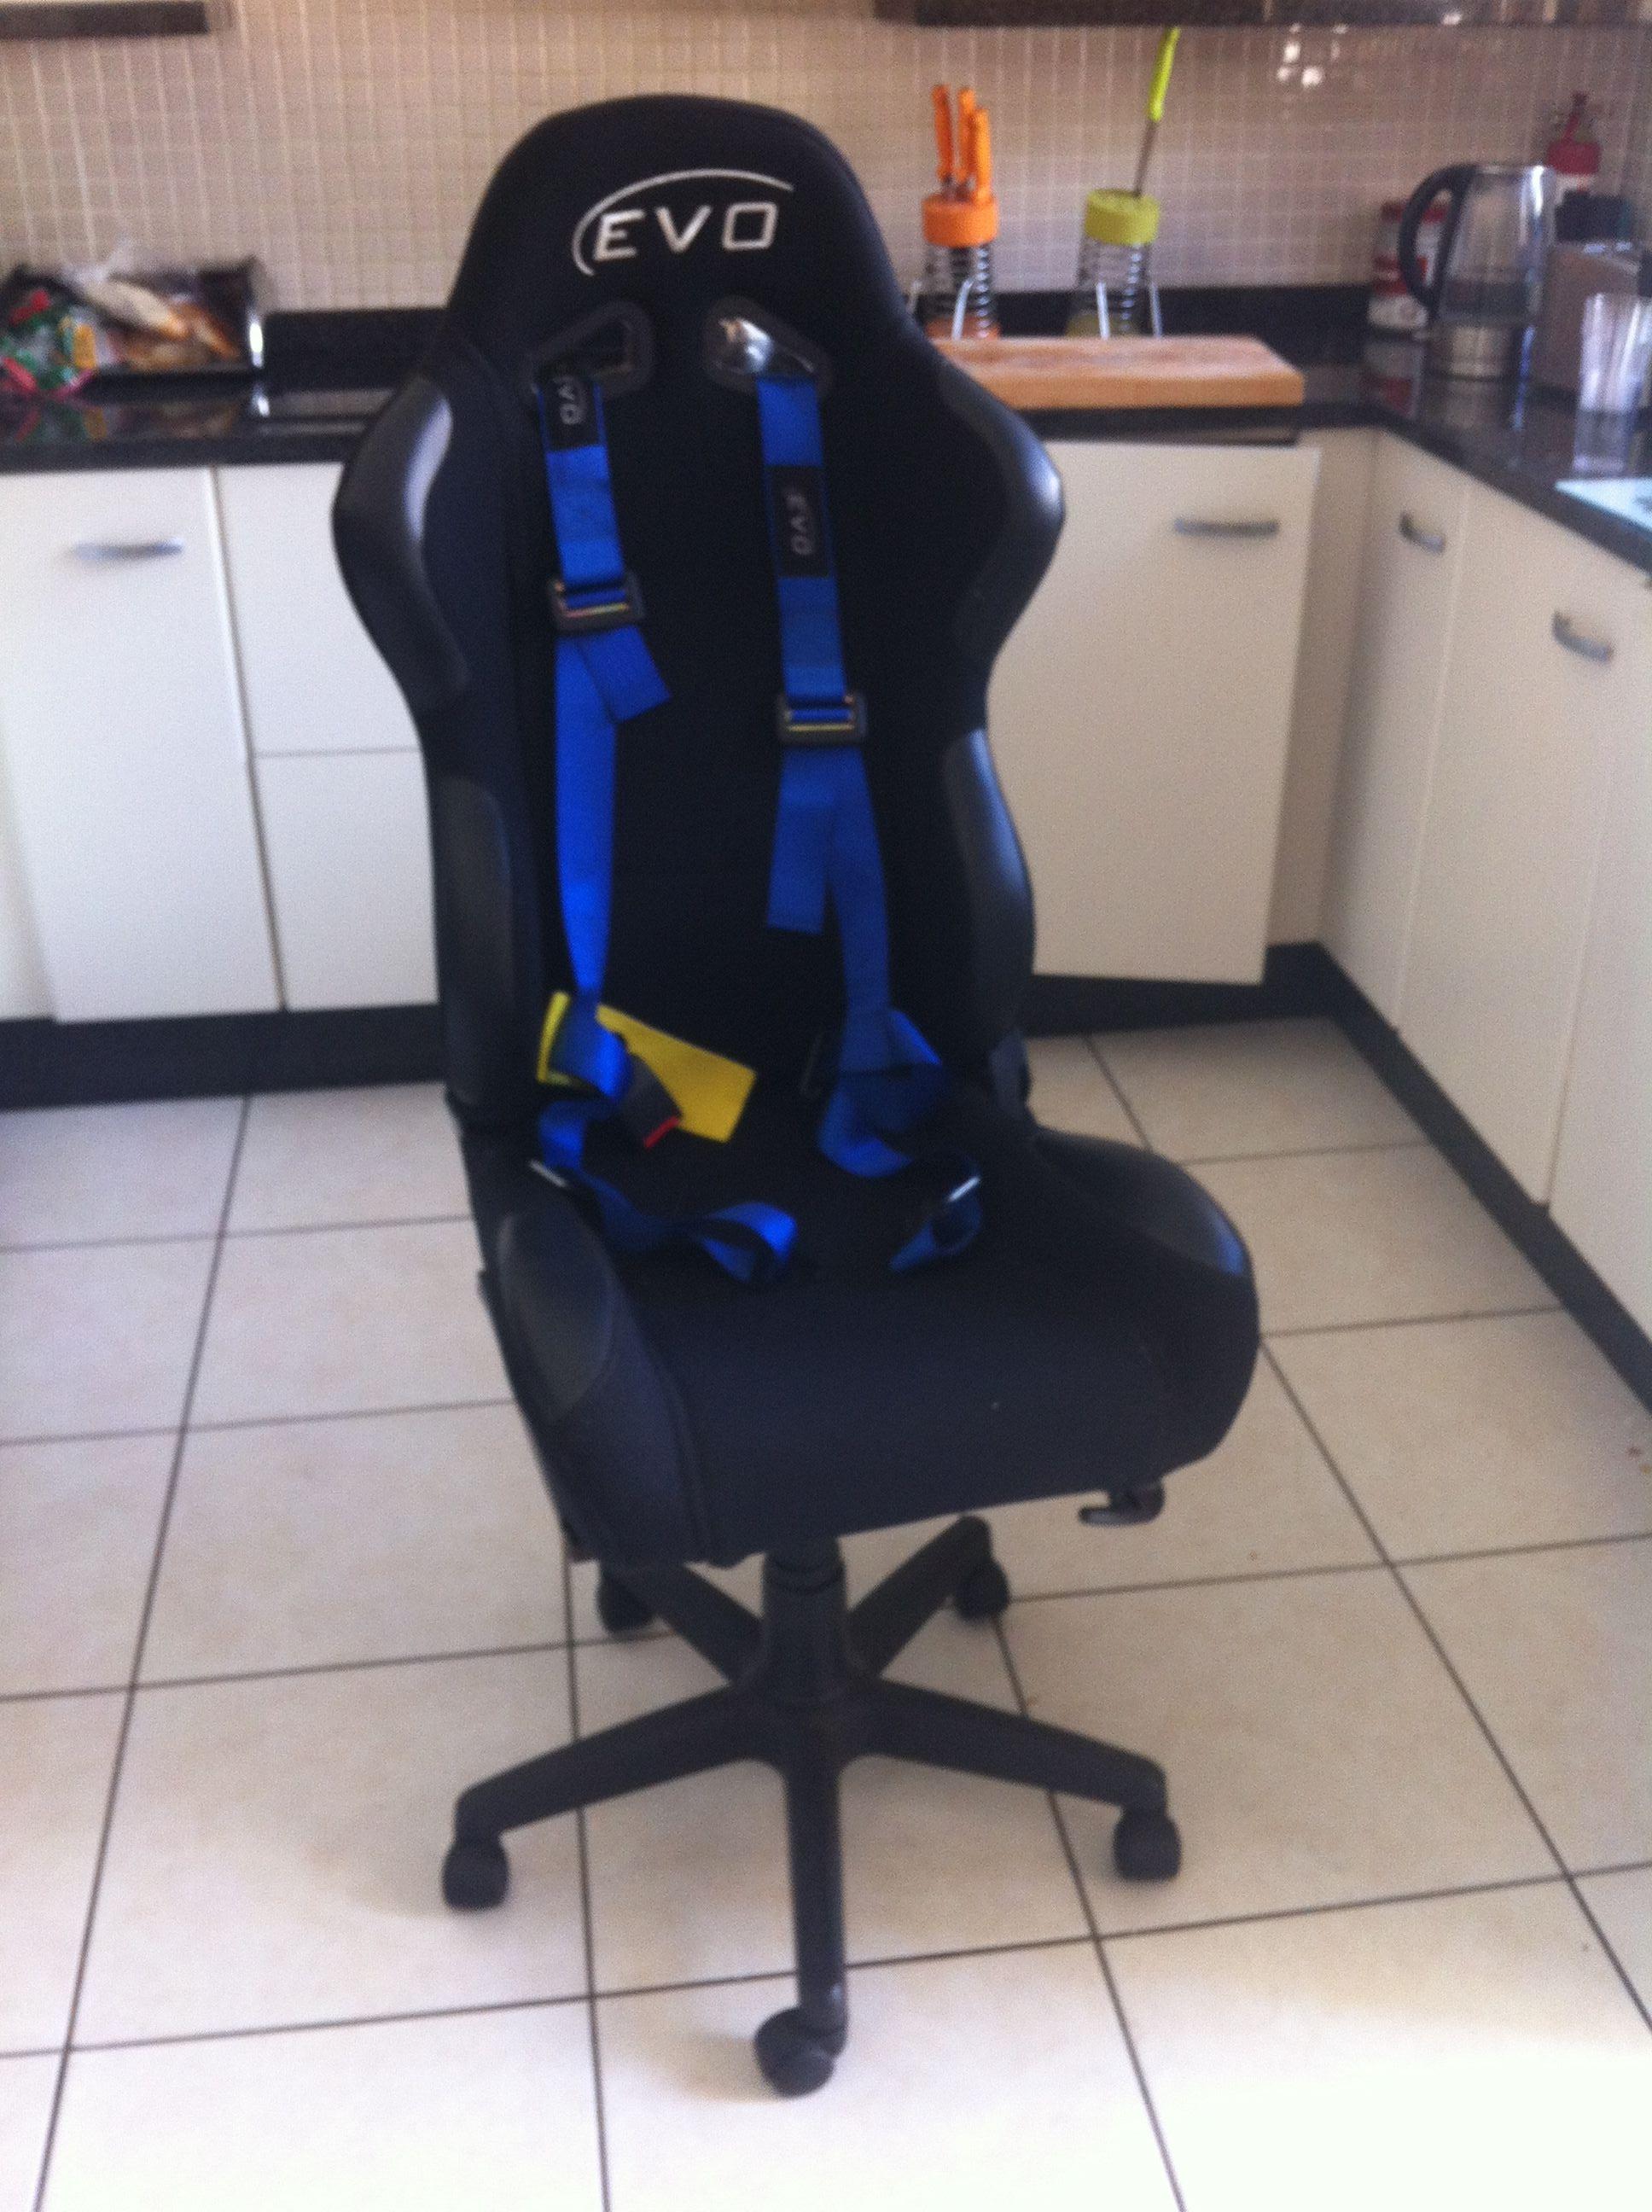 Outstanding Racecar Desk Chair Inzonedesignstudio Interior Chair Design Inzonedesignstudiocom